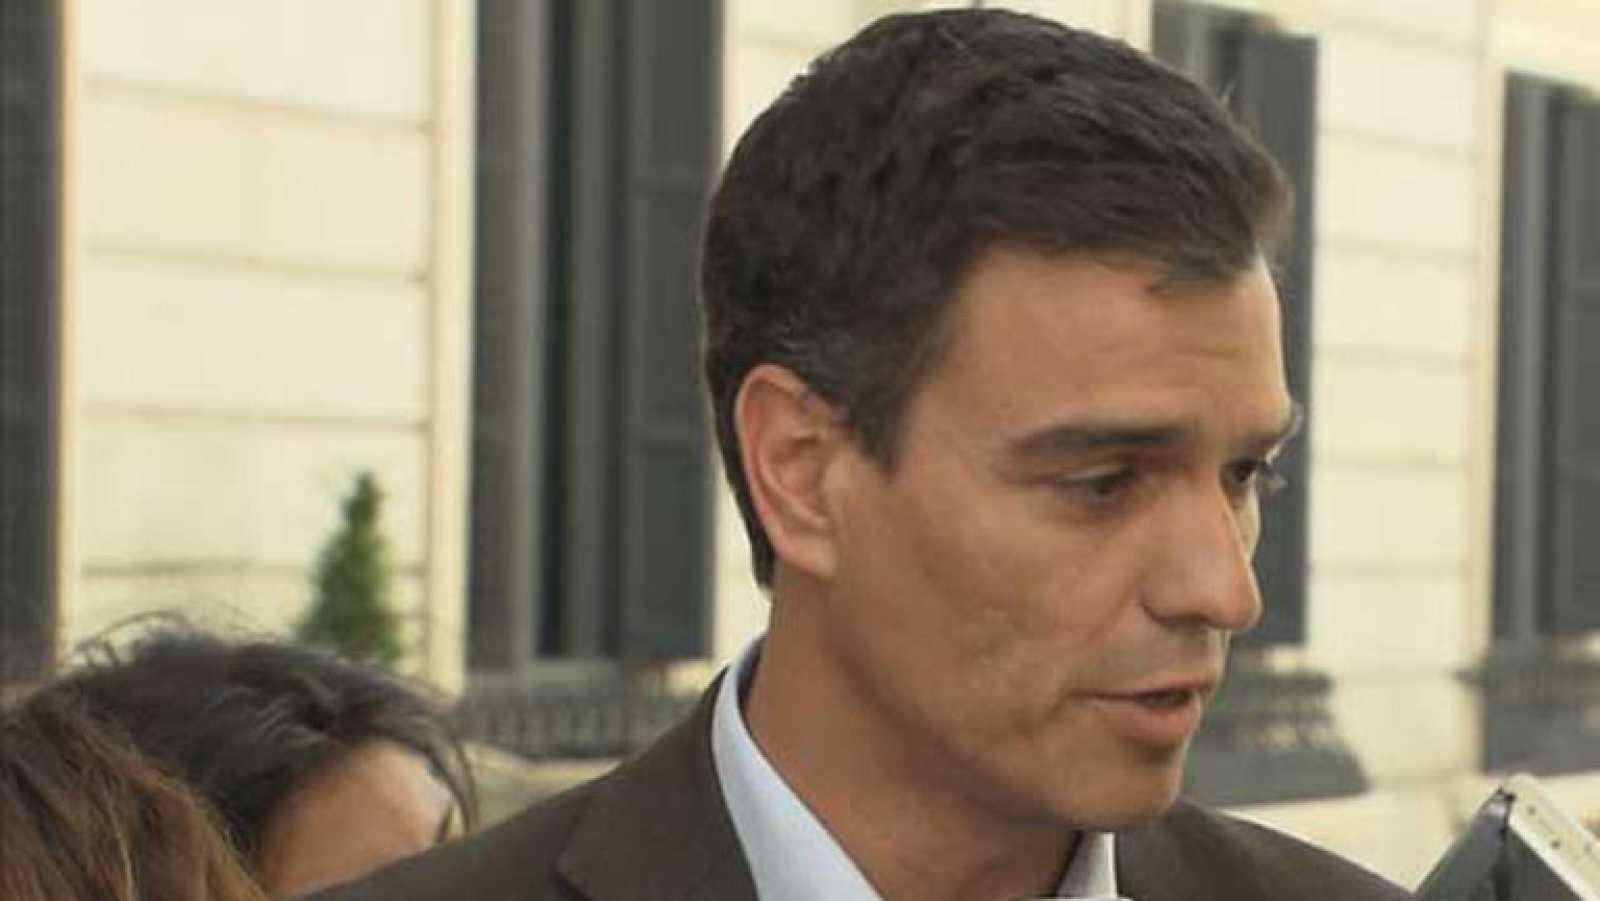 Pedro Sánchez avanza alguna de sus ideas para liderar el partido socialista